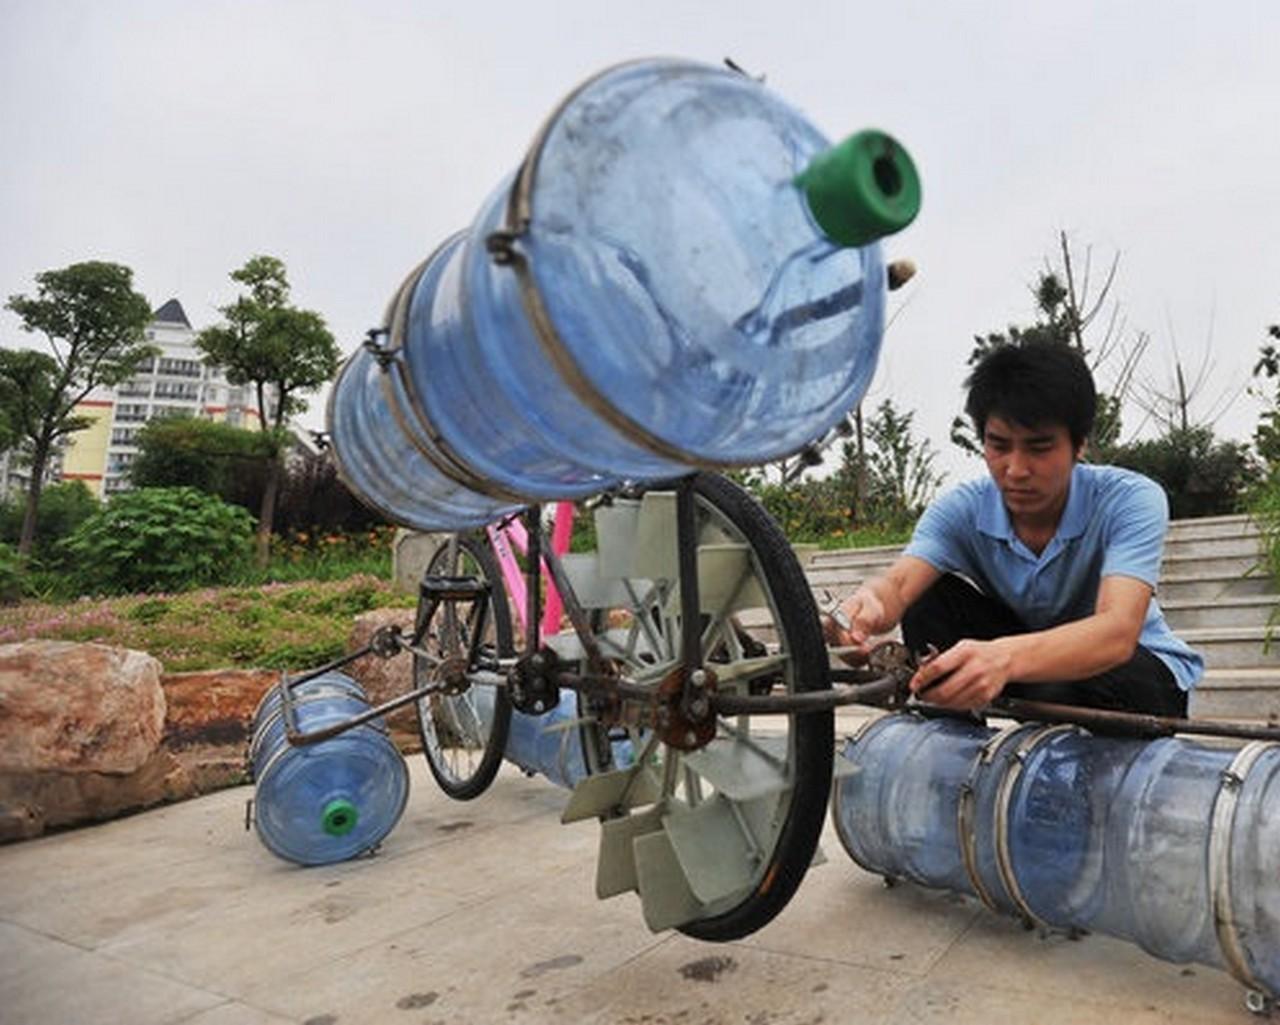 Bicicleta anfibio (3)